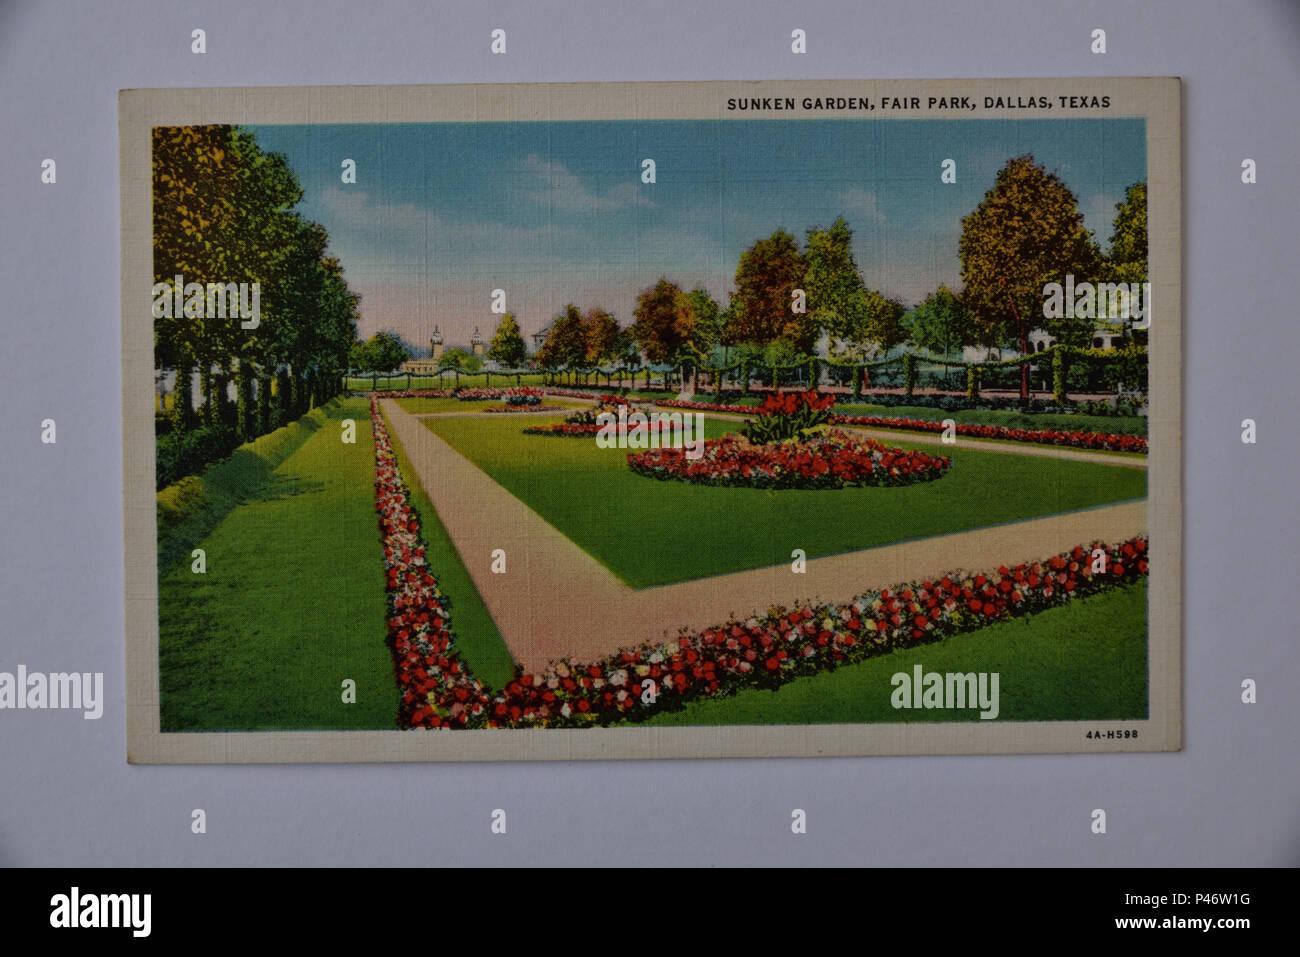 Do The Garden Inc Stock Photos & Do The Garden Inc Stock Images - Alamy